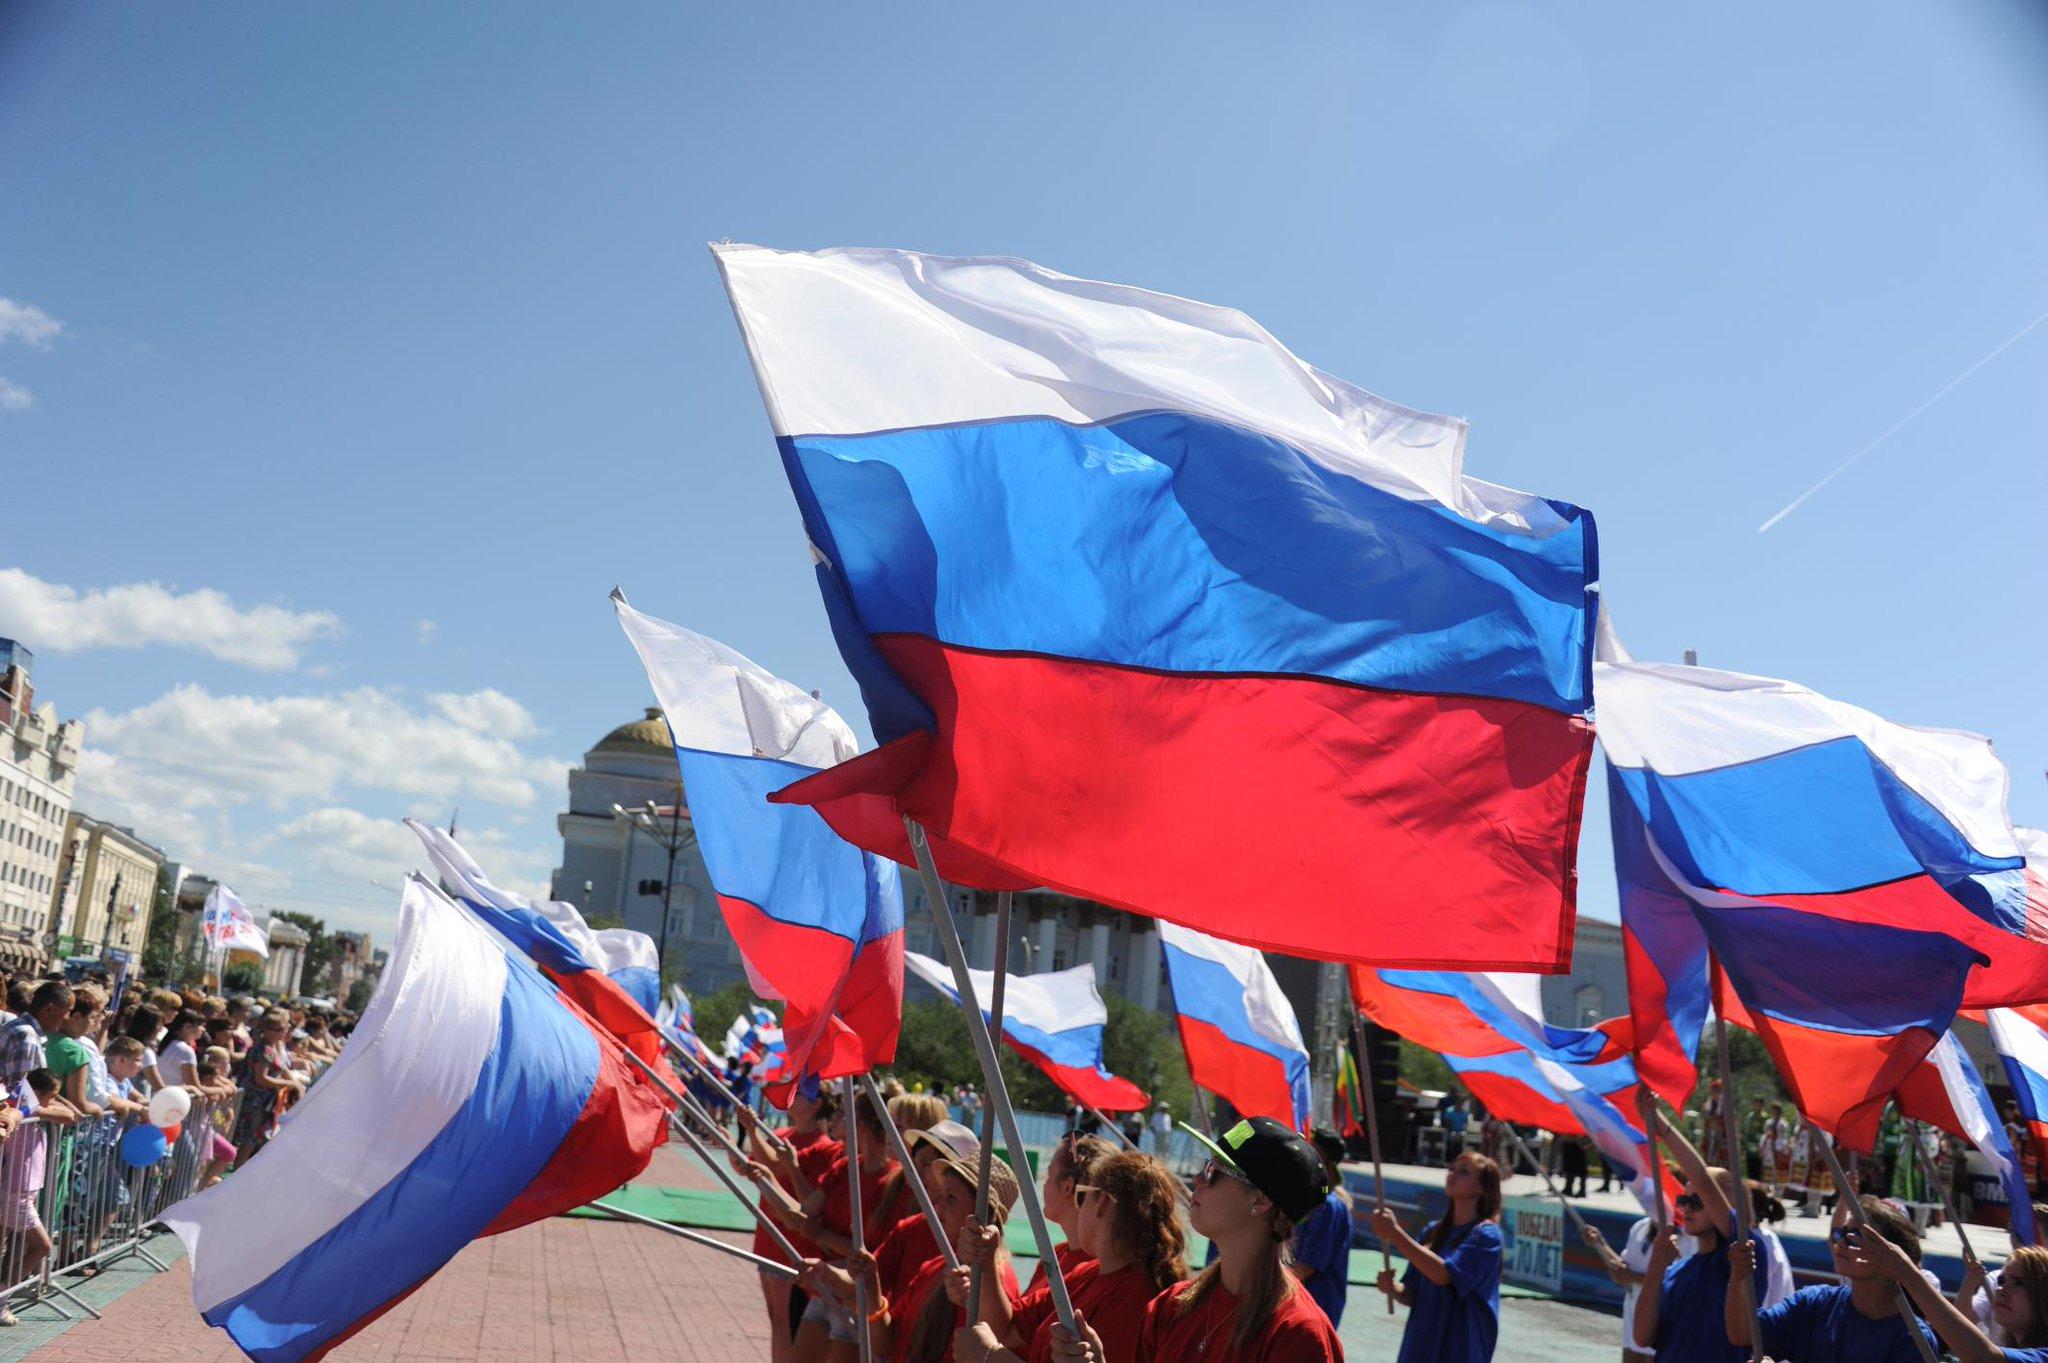 хепберн картинки день россии как отмечают мысли про побег